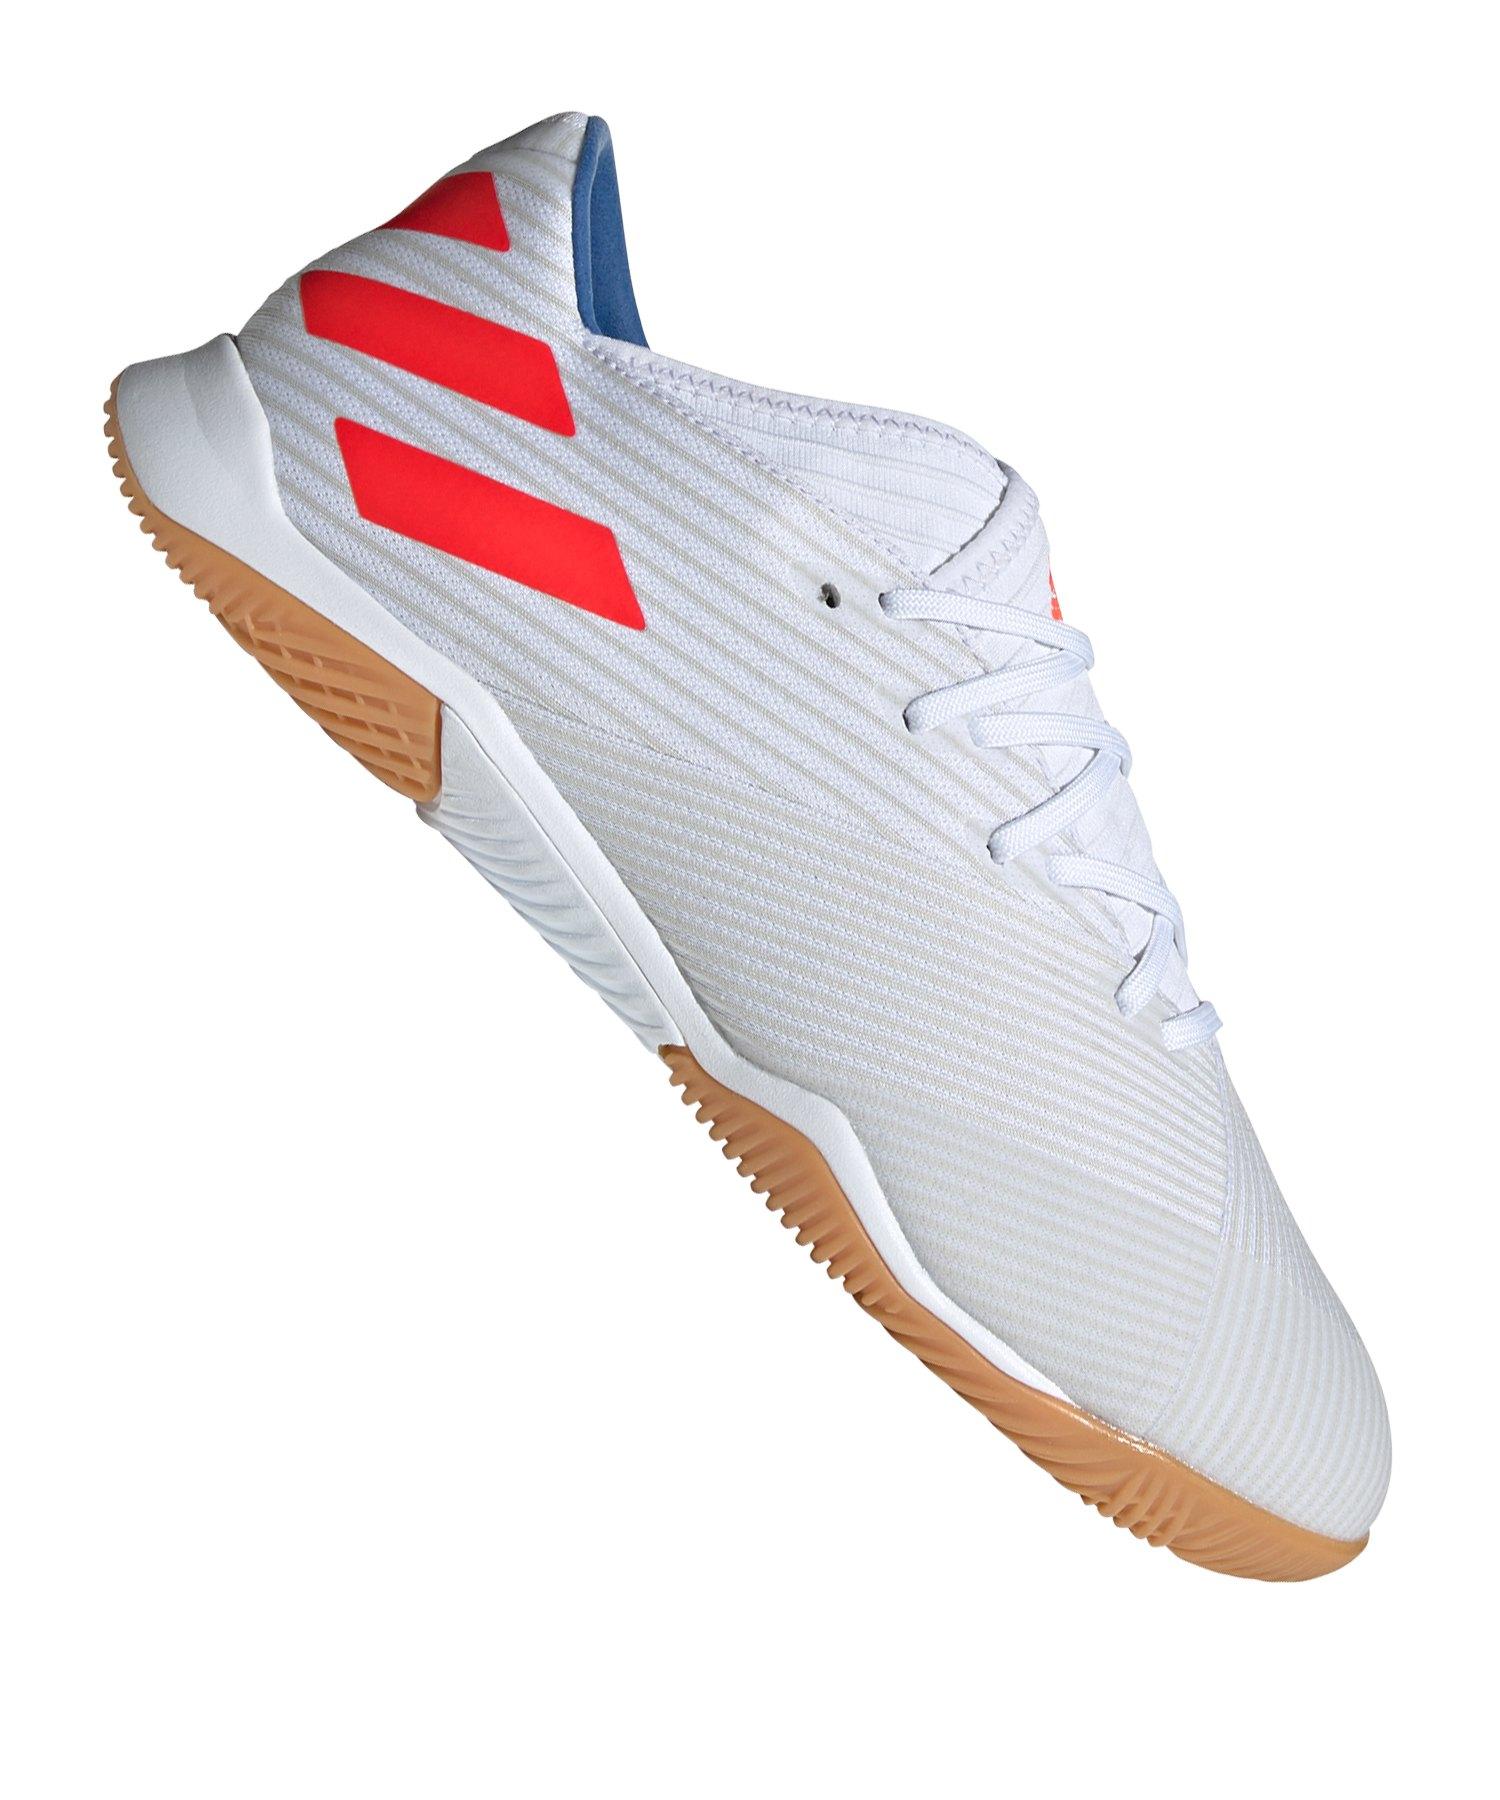 Details zu adidas Indoor Fußballschuhe Halle Messi F10